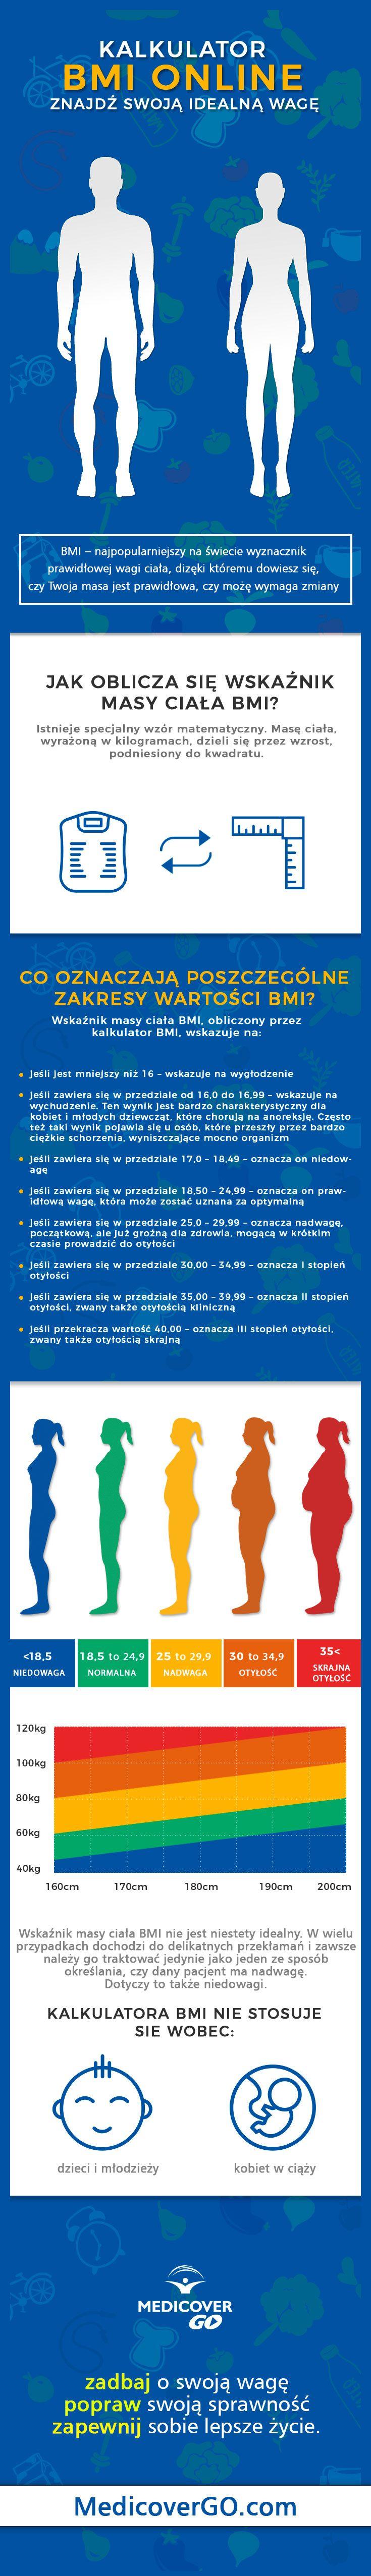 Kalkulator BMI, BMI, Wskaźnik Masy Ciała, Infografika BMI - waga, wzrost, masa ciała, prawidłowa waga,